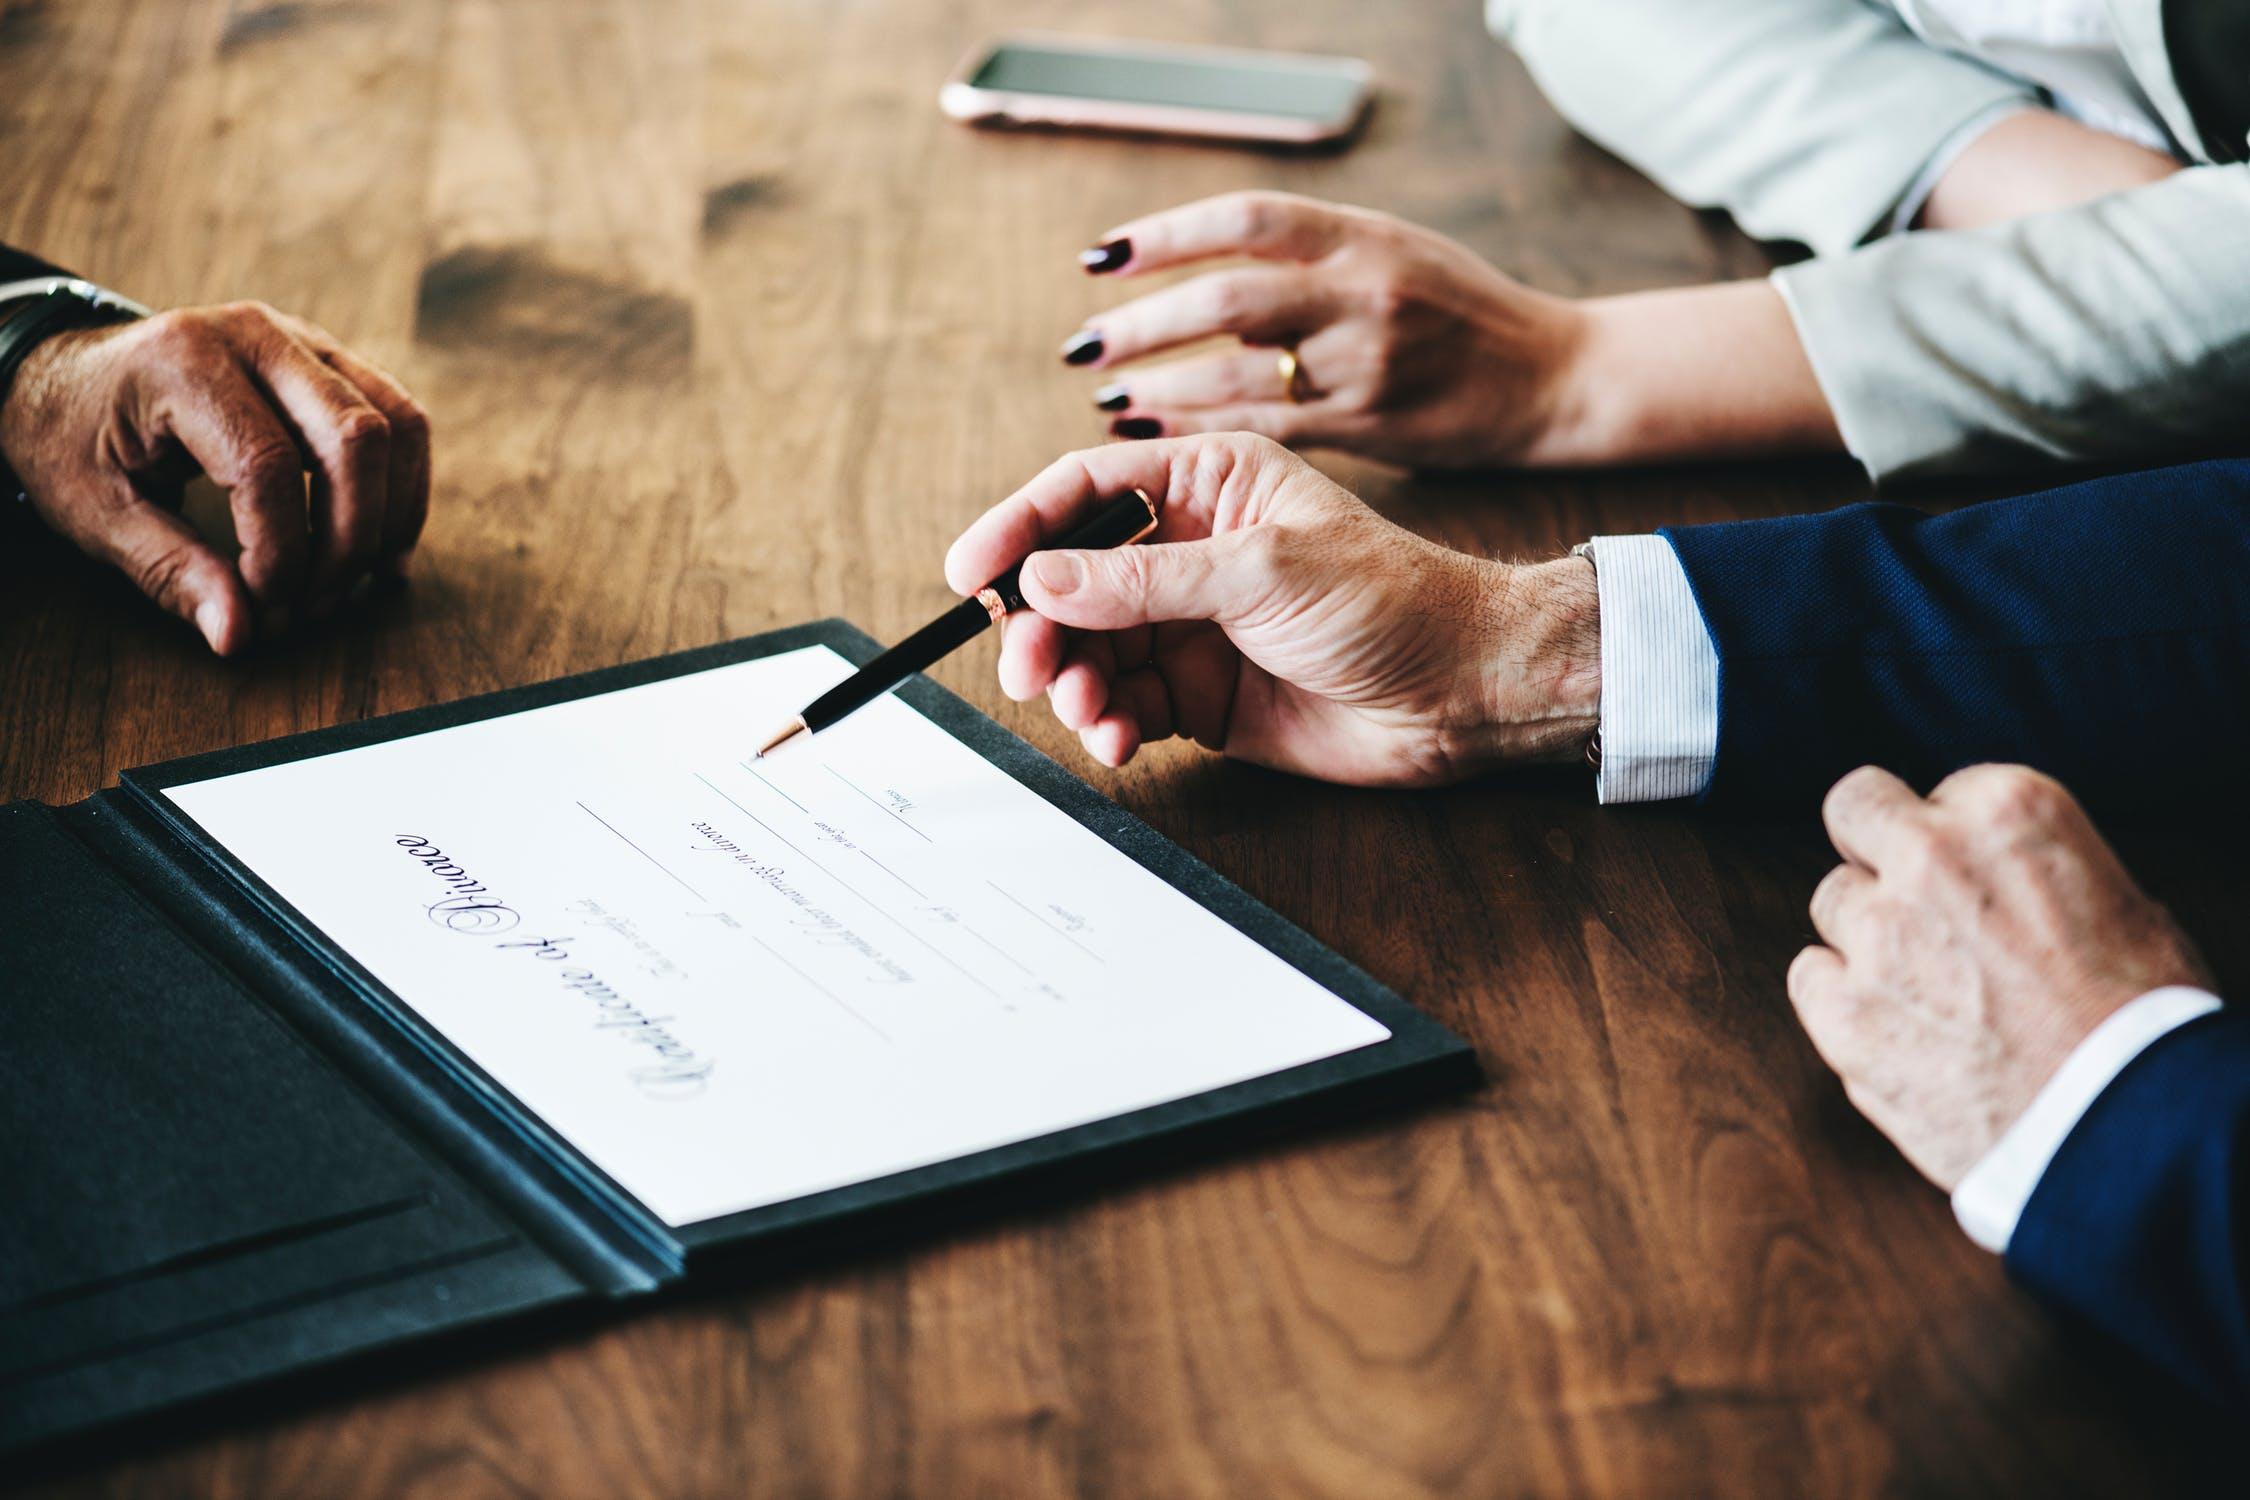 כל מה שחשוב לדעת במעמד כתיבת הסכם הגירושין